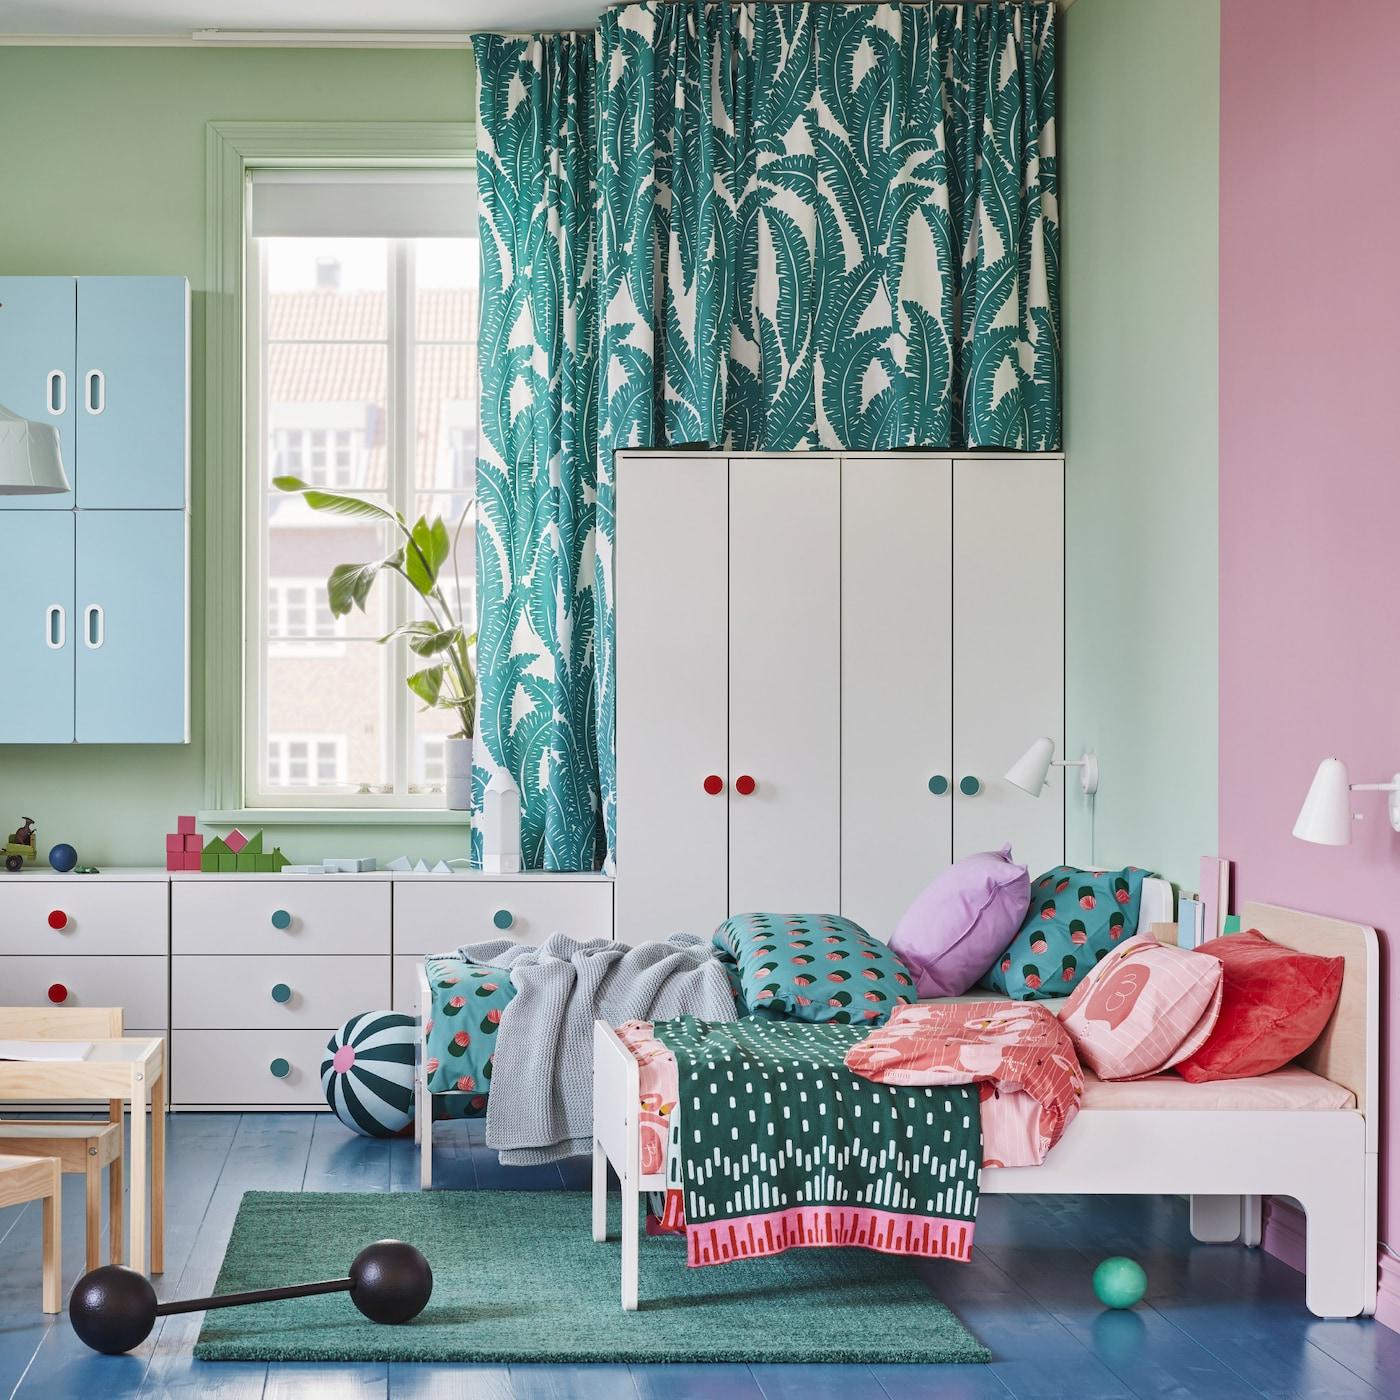 Børneværelse med hvide garderobeskabe og kommoder, 2 udtrækssenge, et grønt tæppe og blå vægskabe.